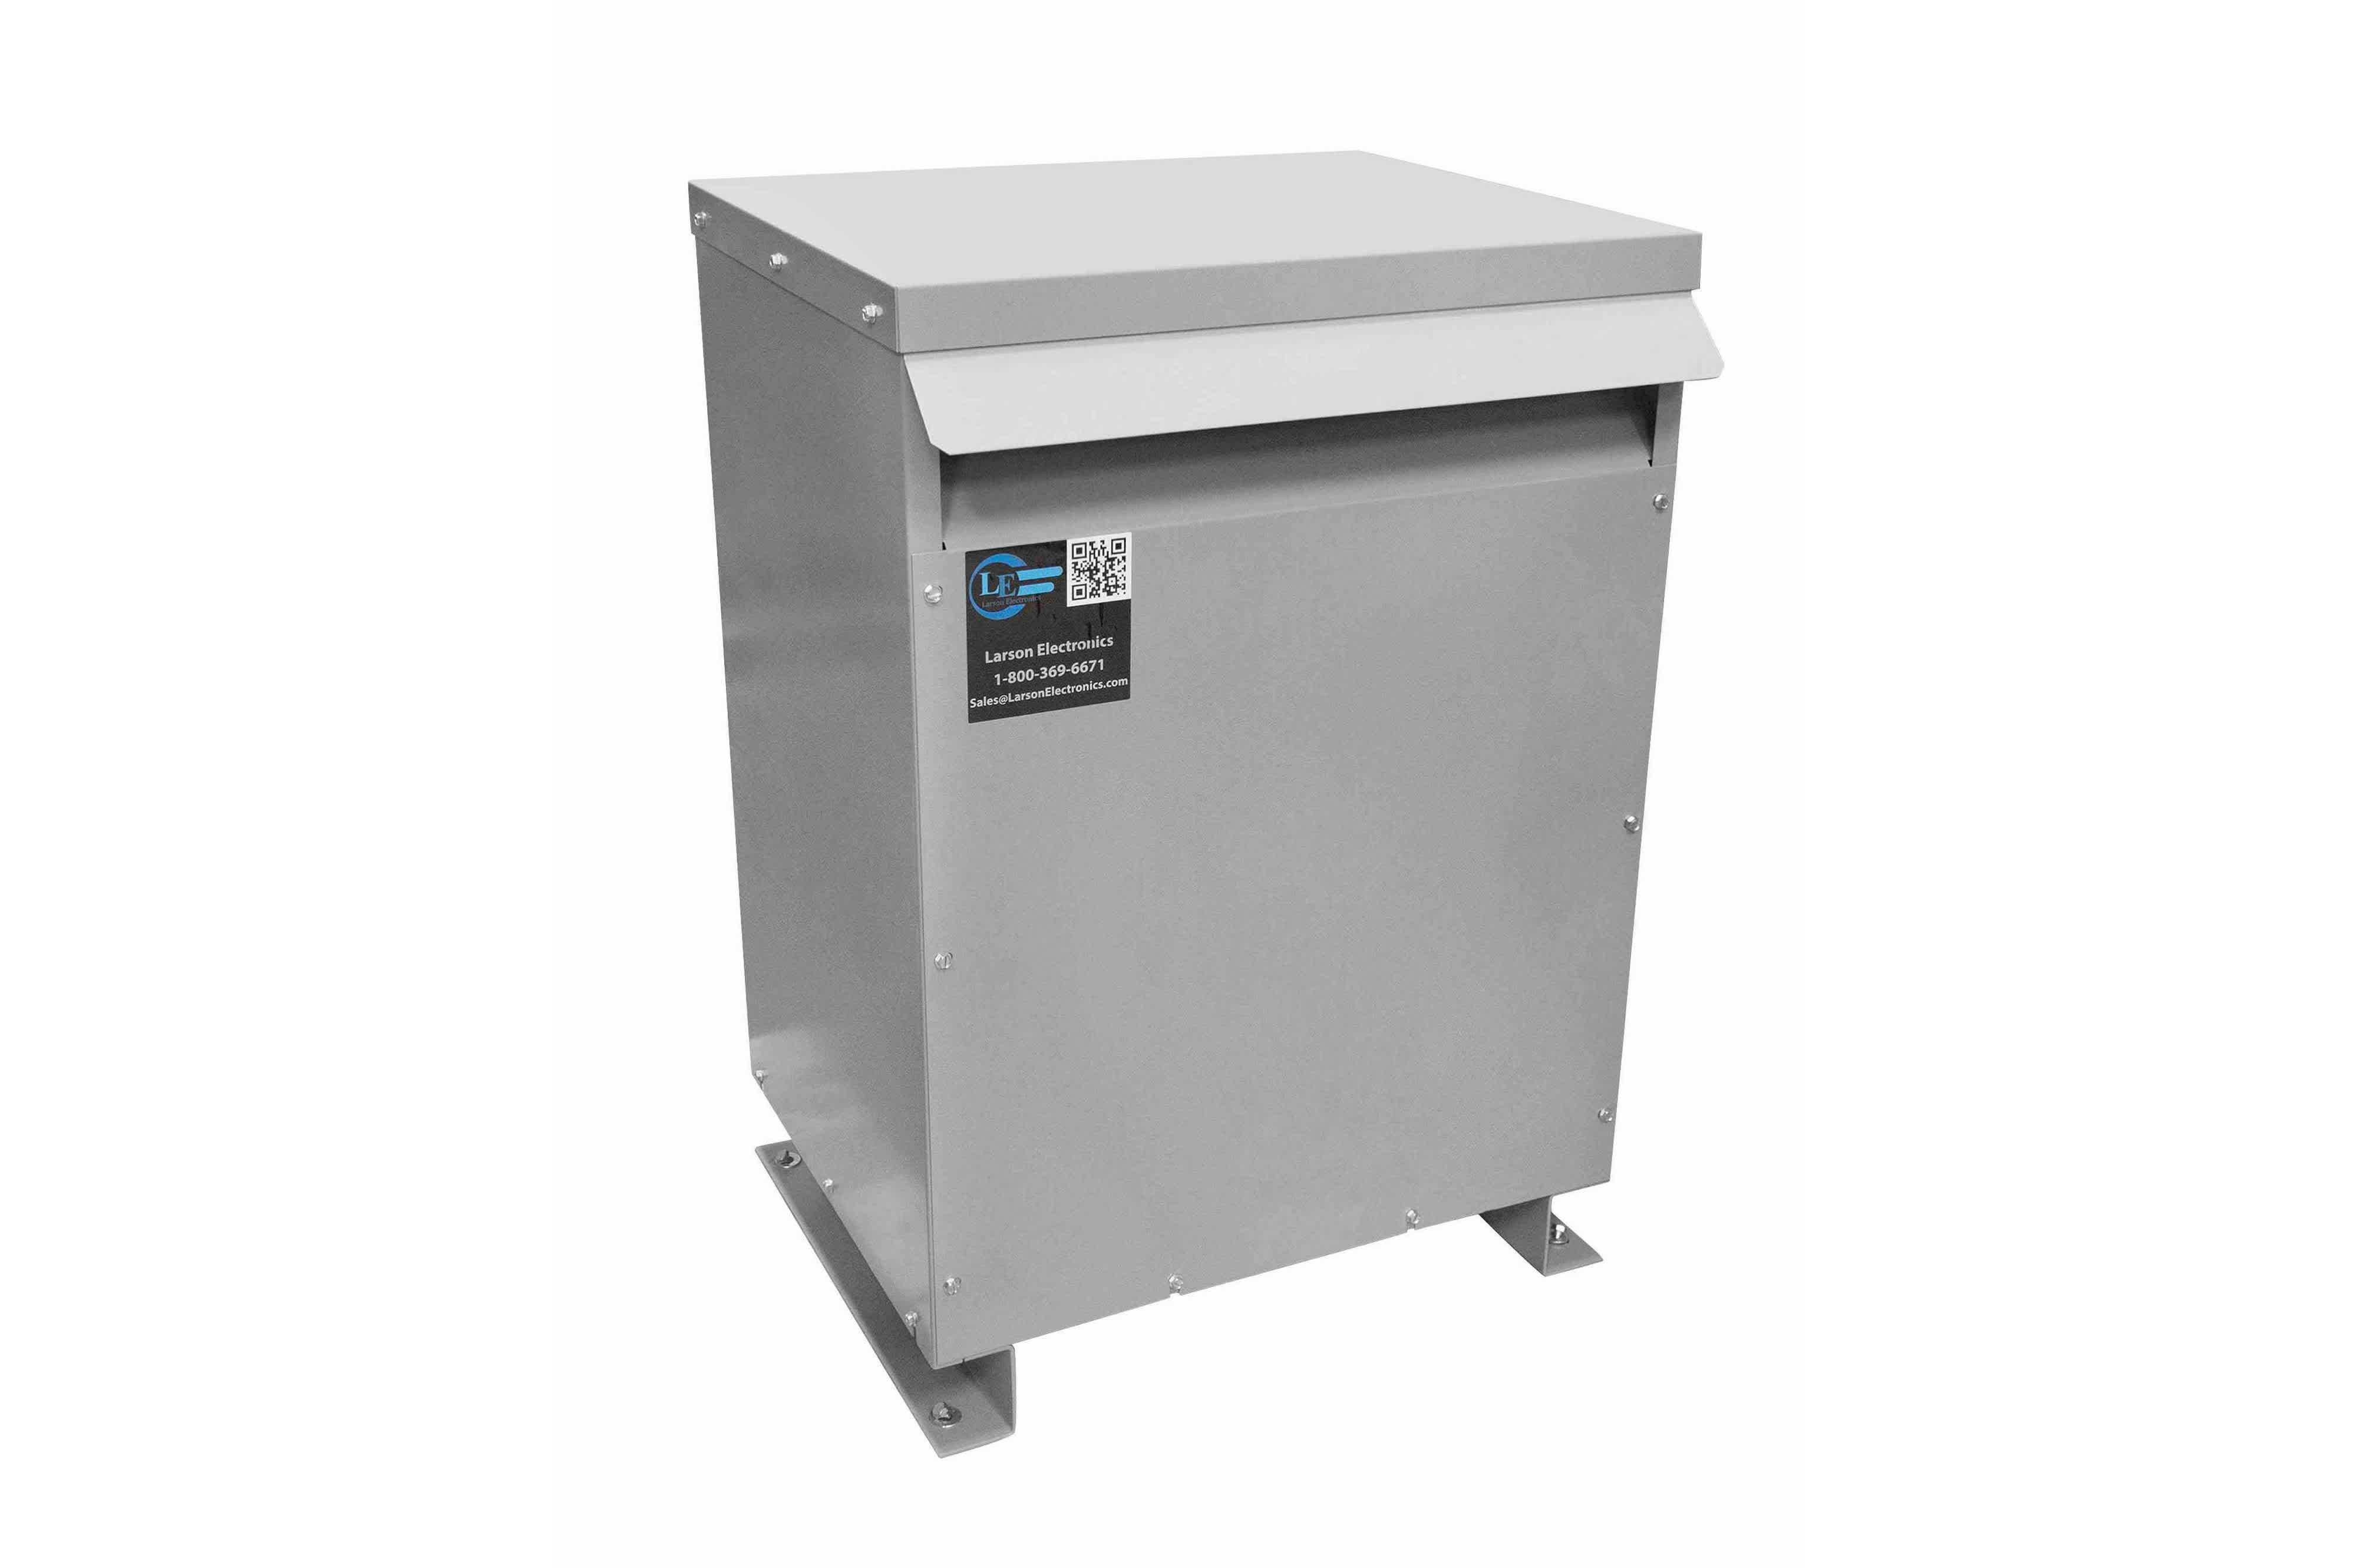 18 kVA 3PH Isolation Transformer, 415V Delta Primary, 480V Delta Secondary, N3R, Ventilated, 60 Hz